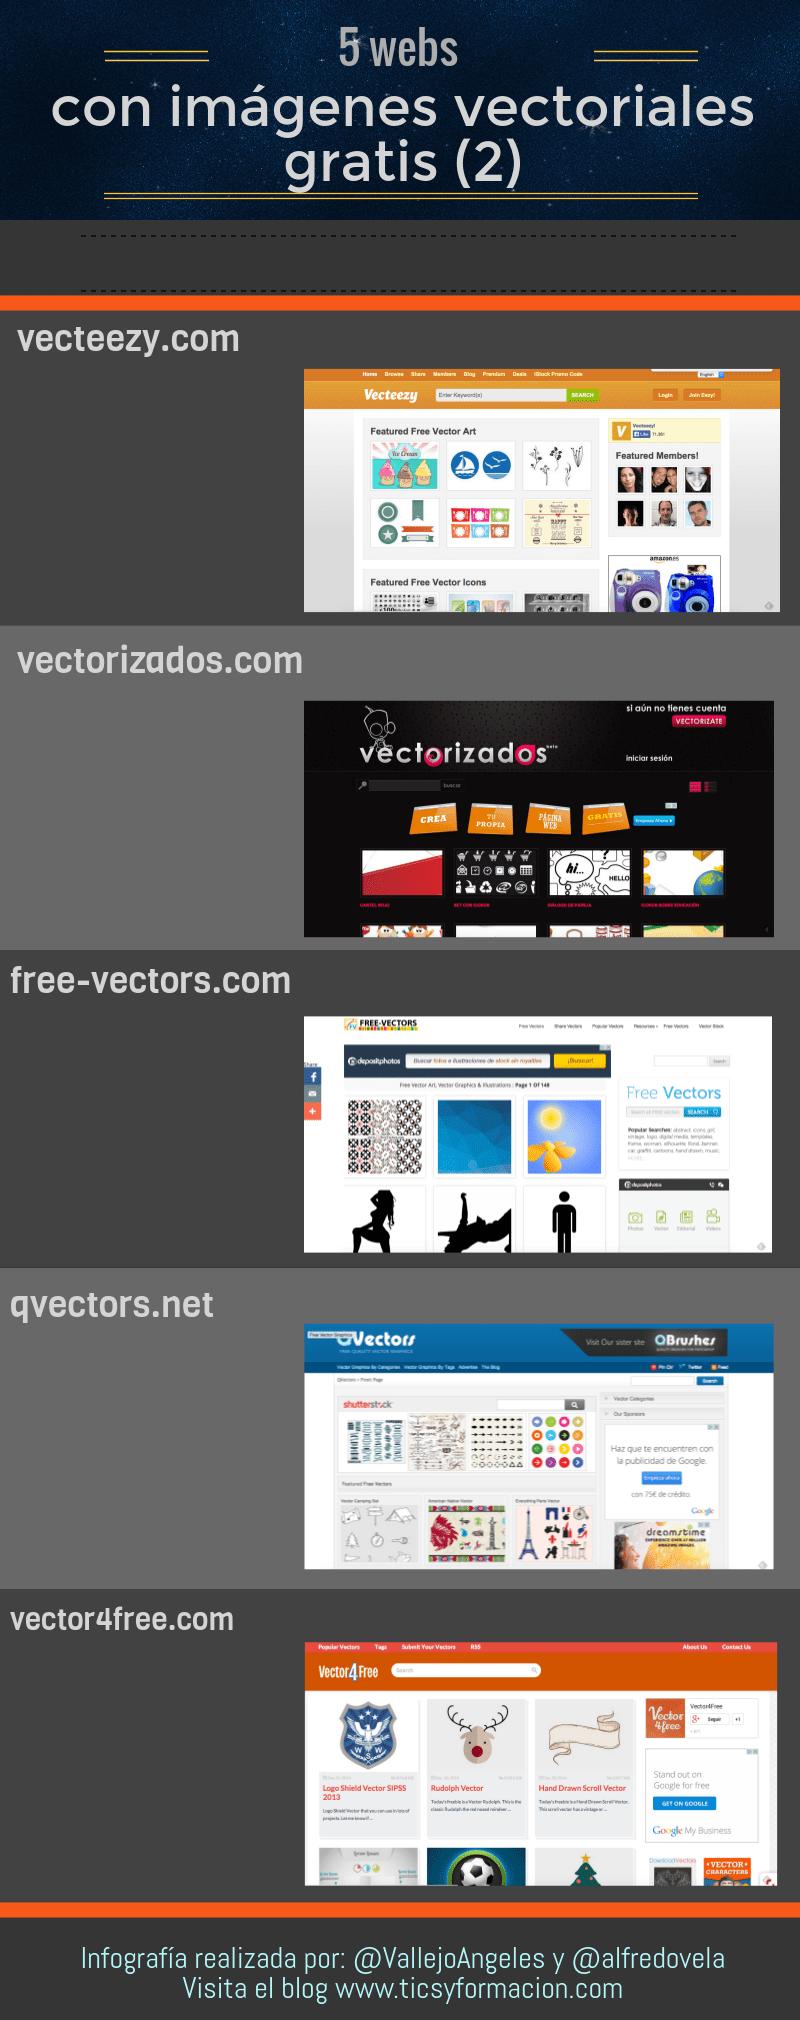 5 webs con imágenes vectoriales gratis (2)